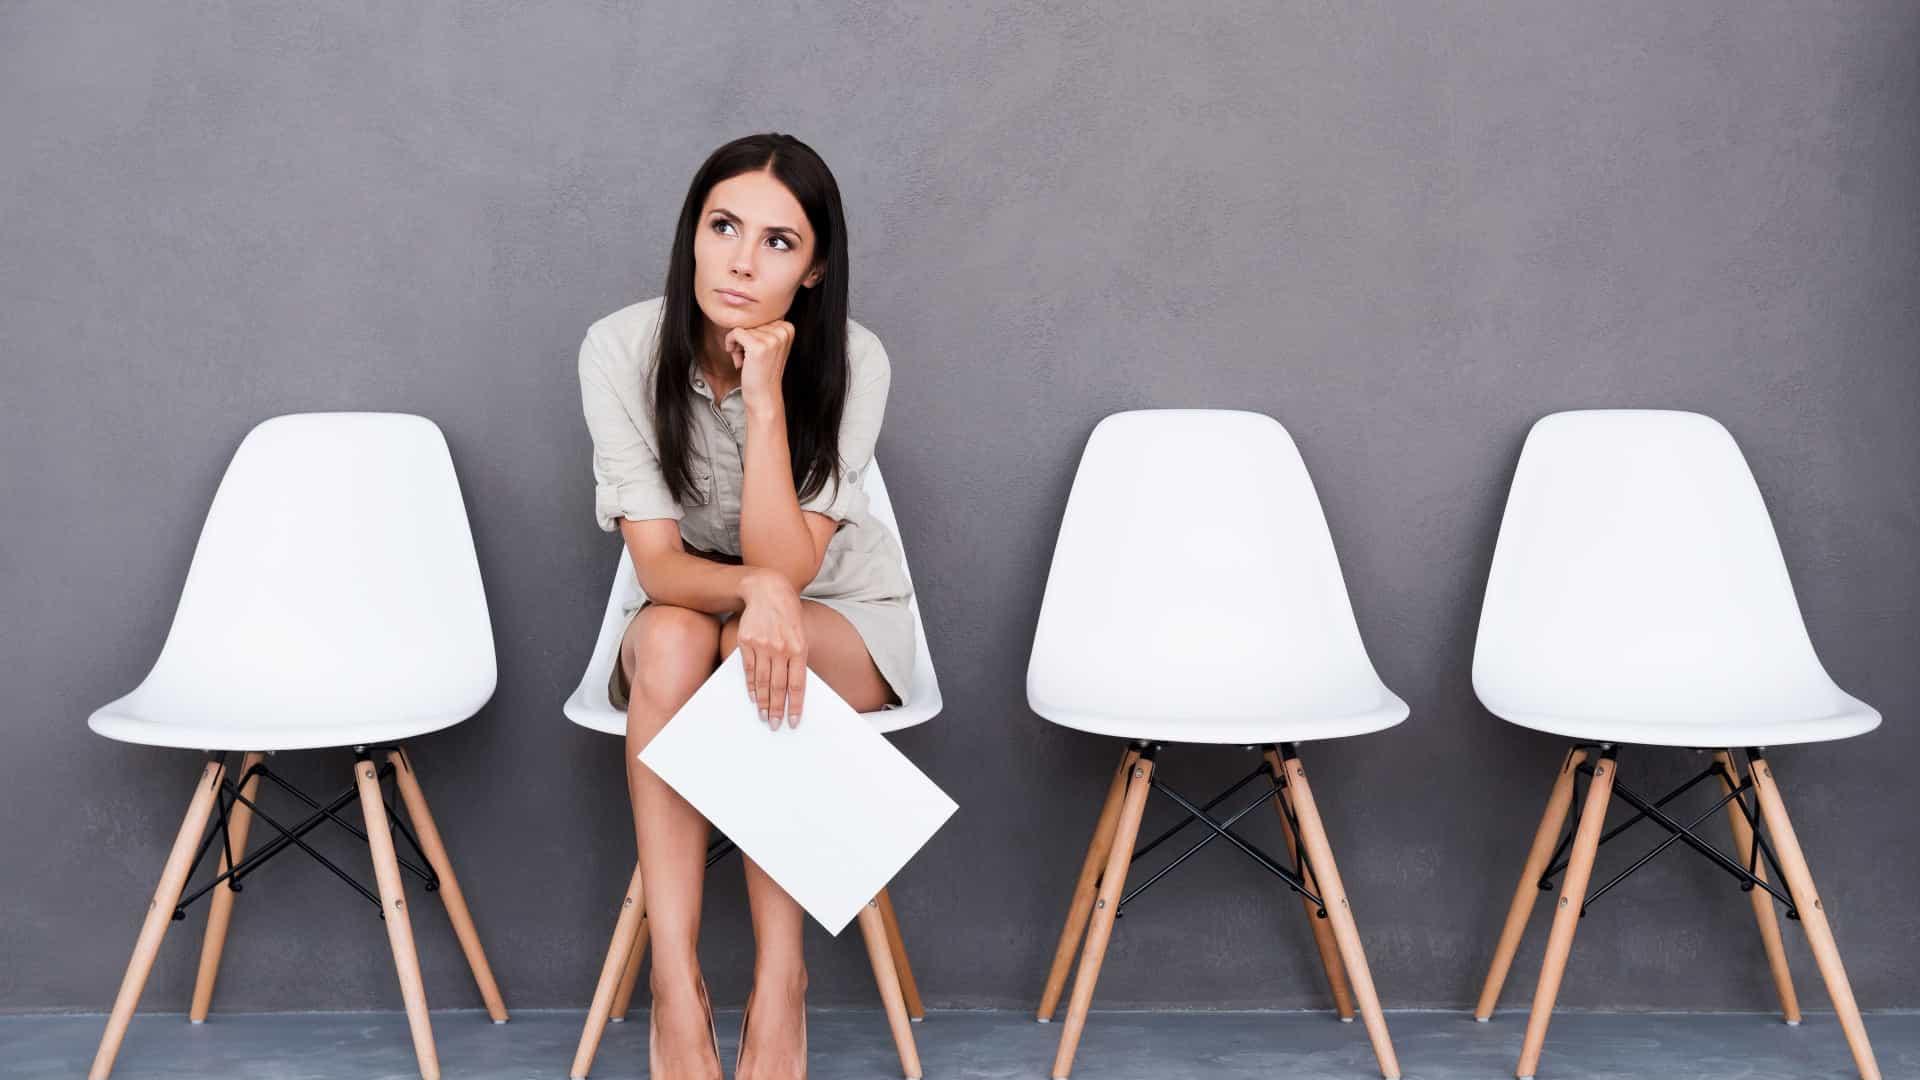 5 coisas que você não pode fazer em uma entrevista de emprego